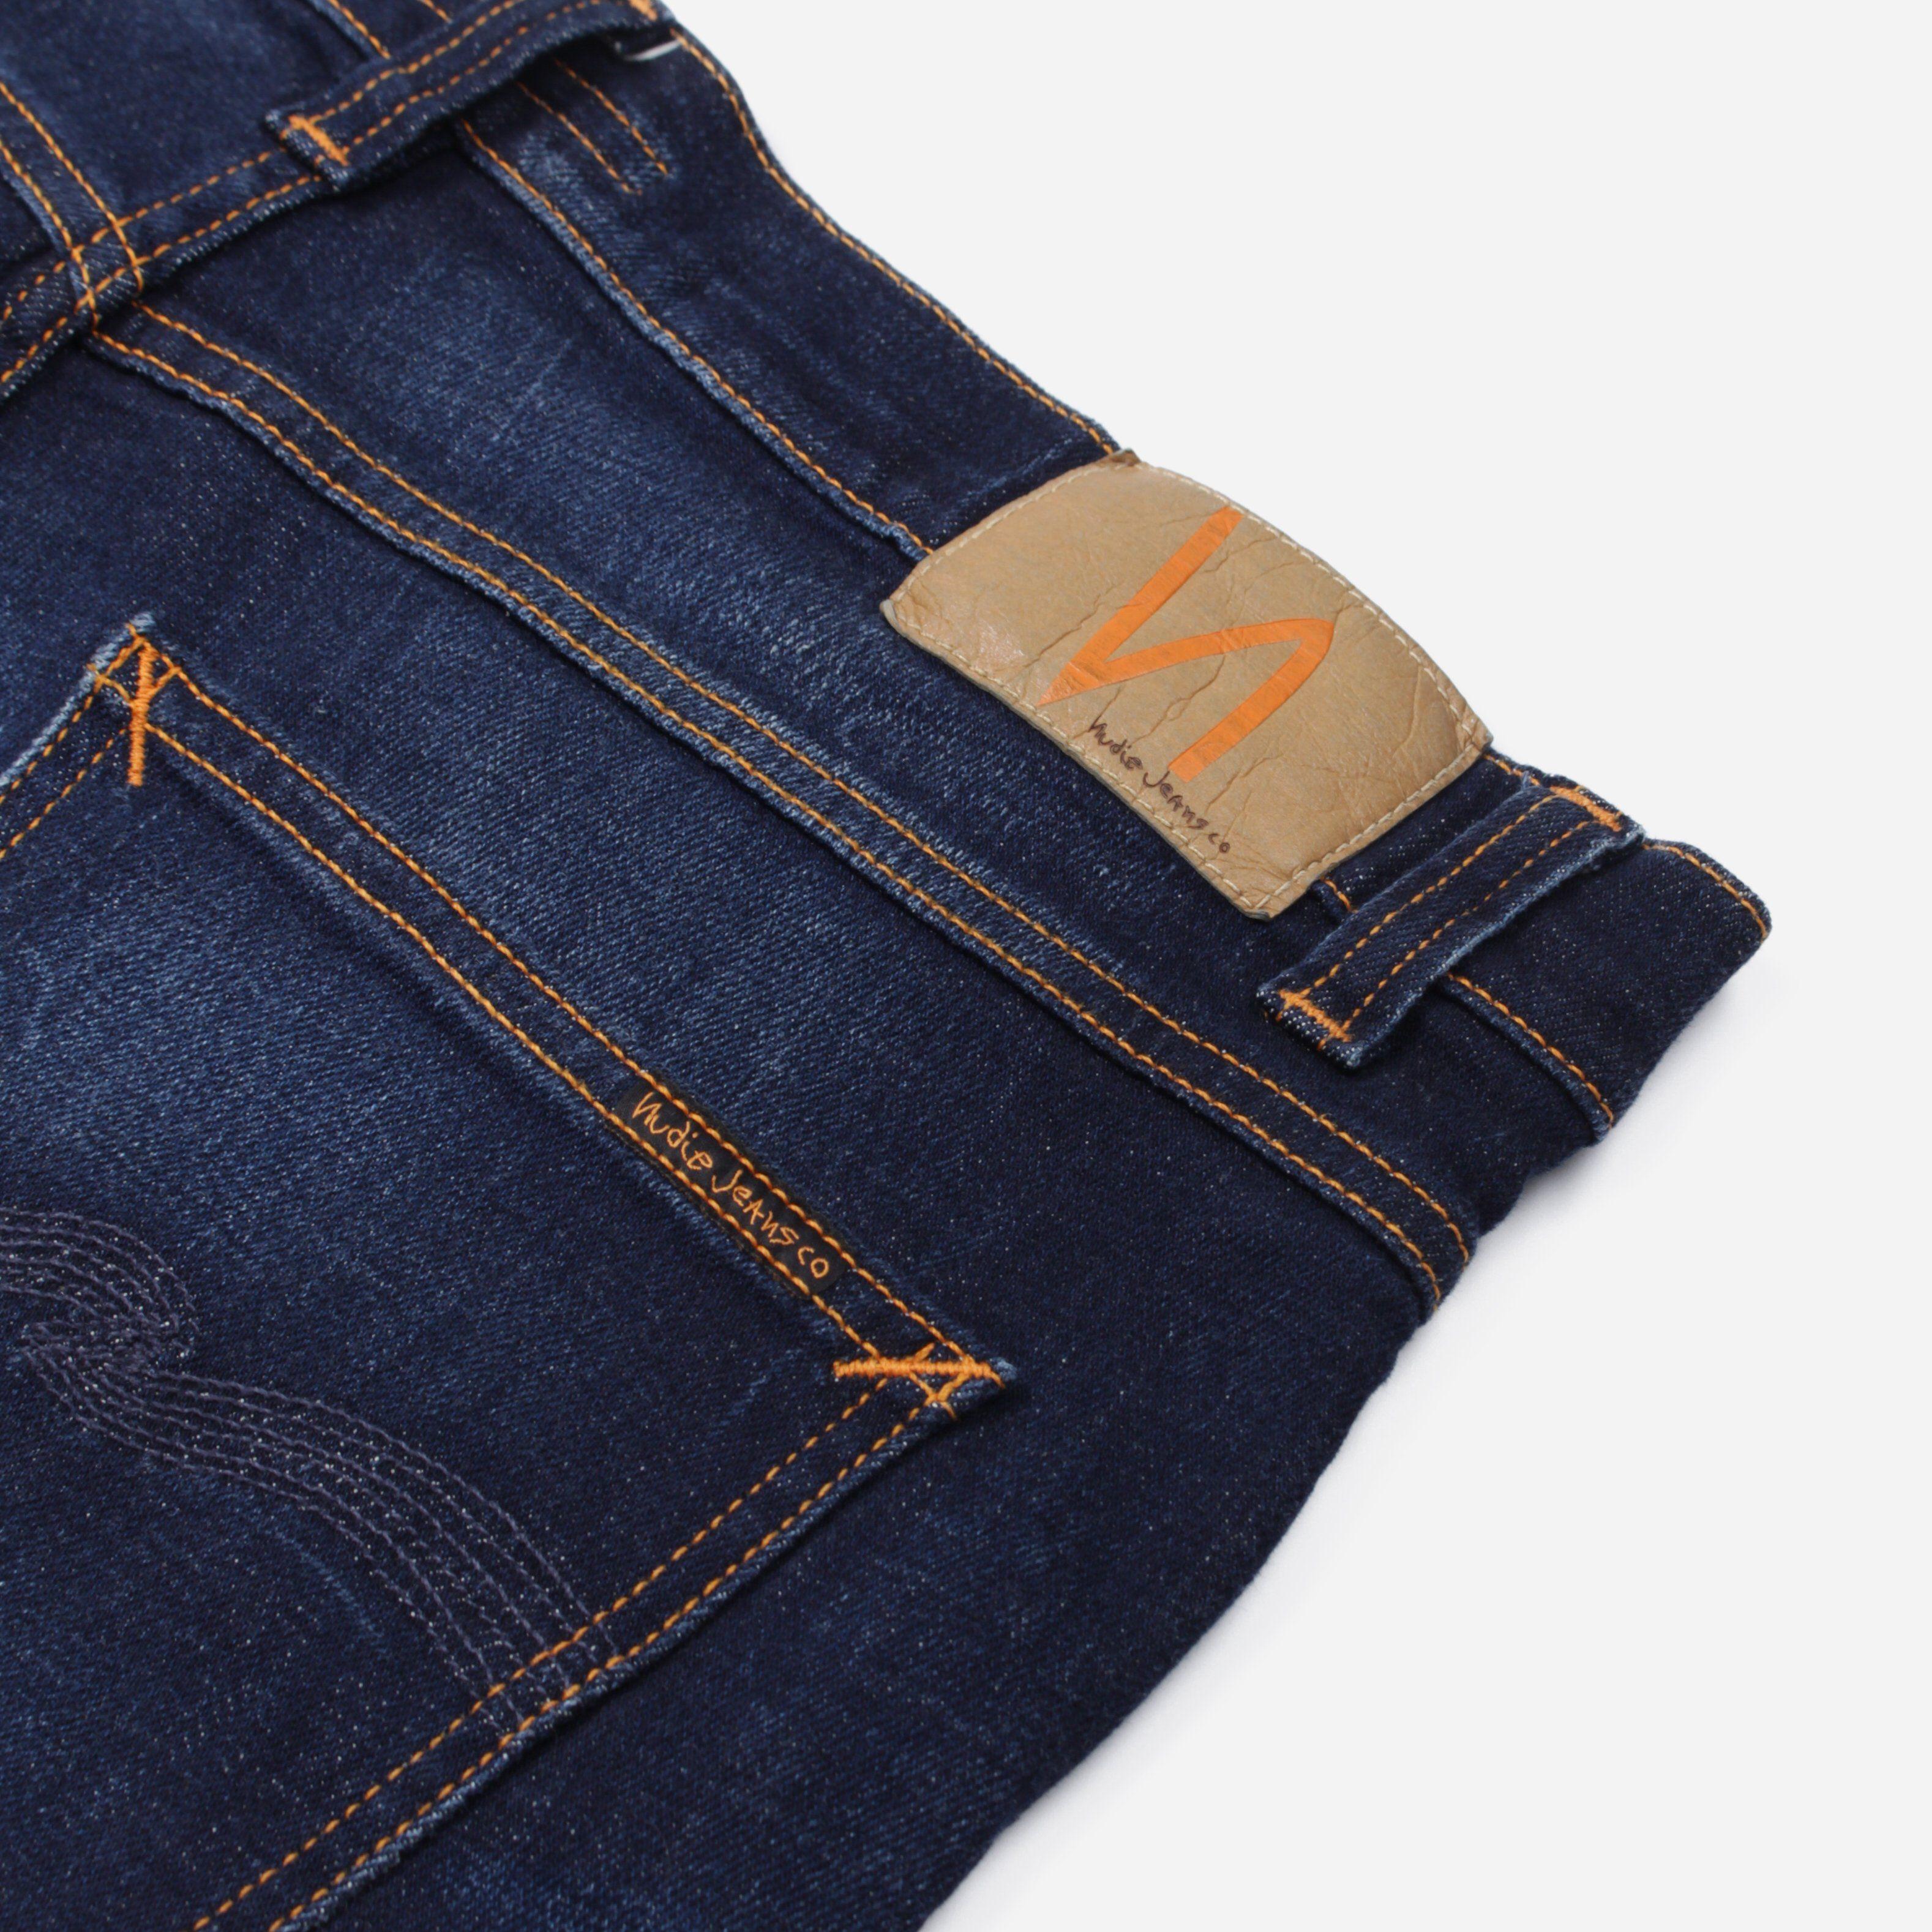 Nudie Jeans Co. 113032 LEAN DEAN